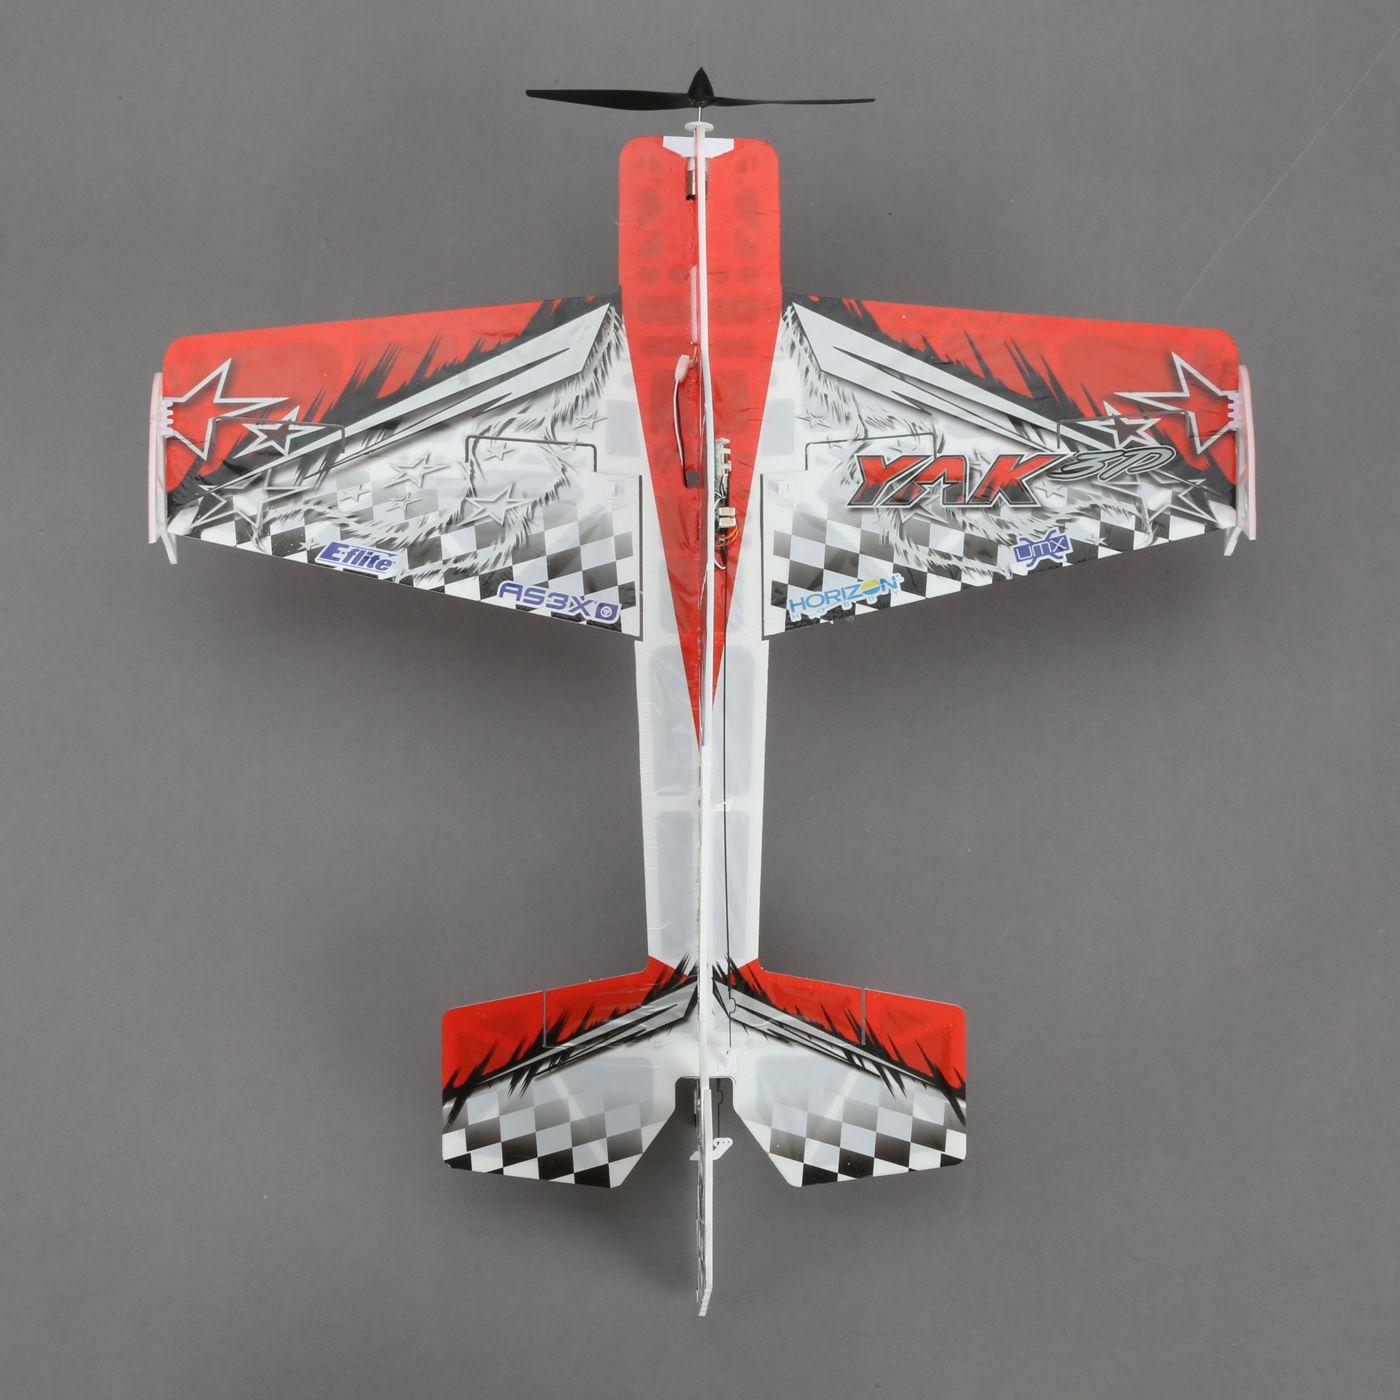 UMX Yak 54 E-flite